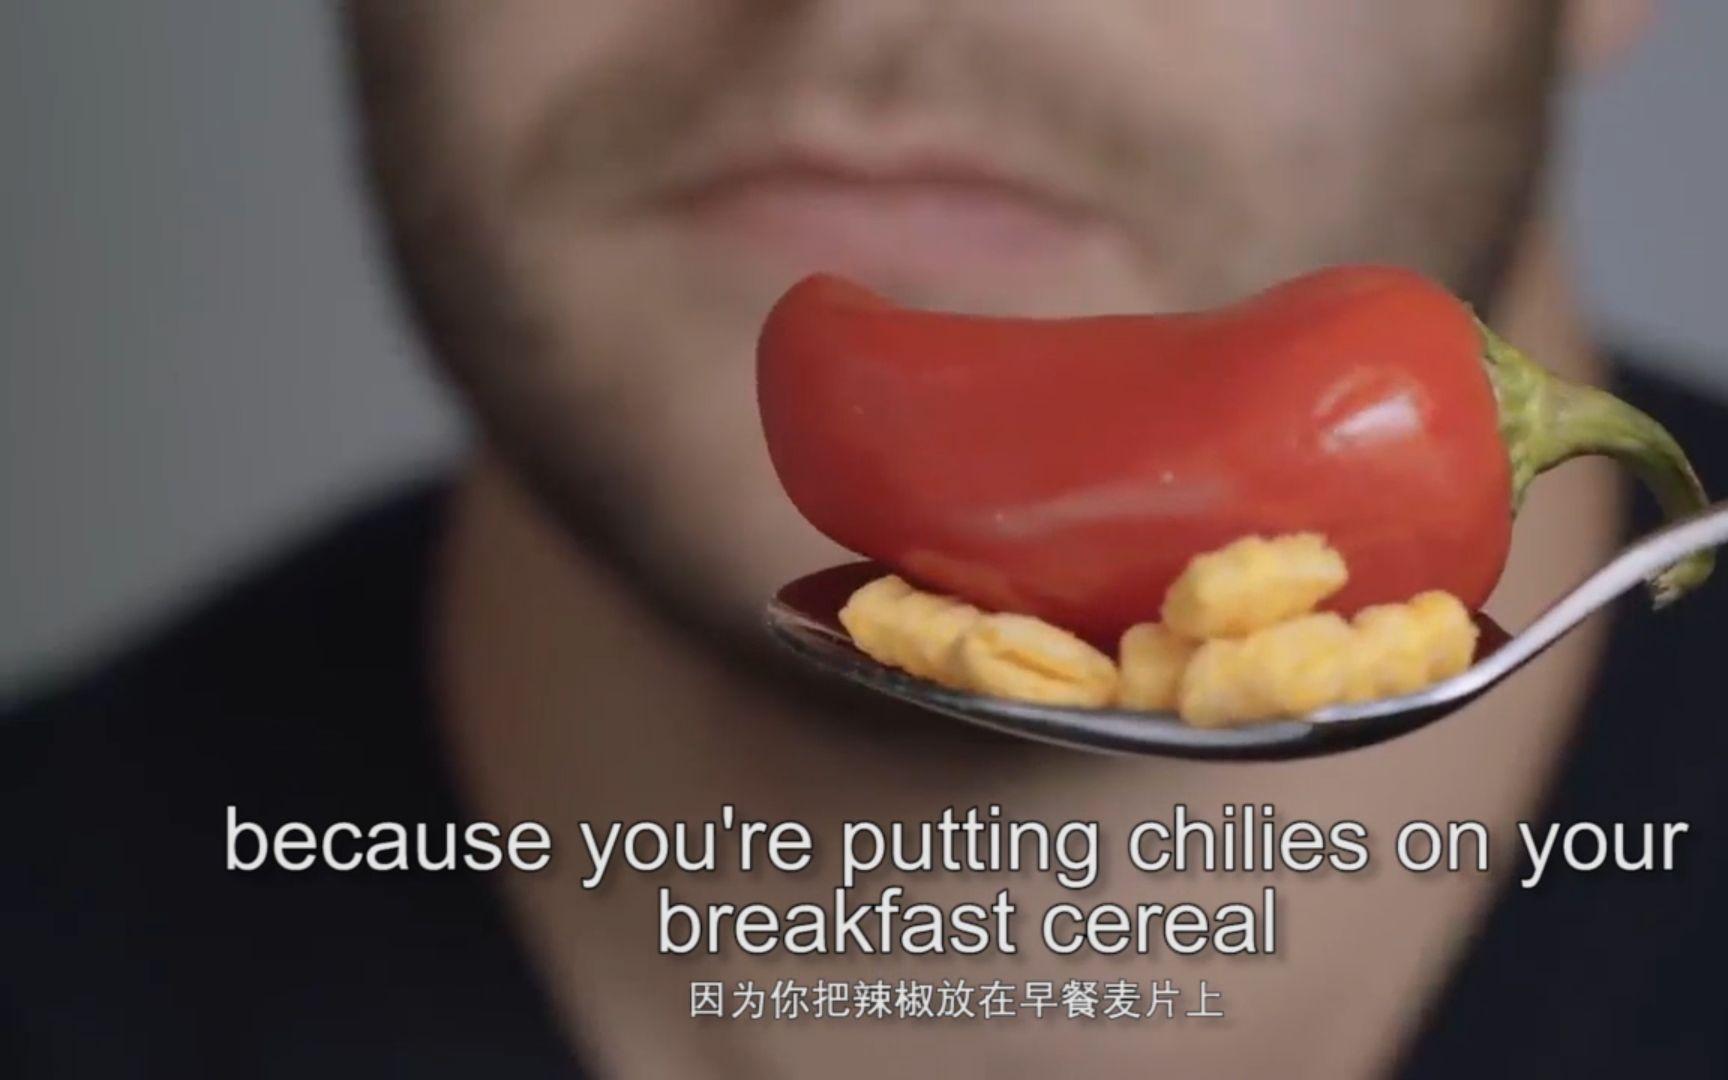 真的没有味觉的人,吃魔鬼椒会是怎样?